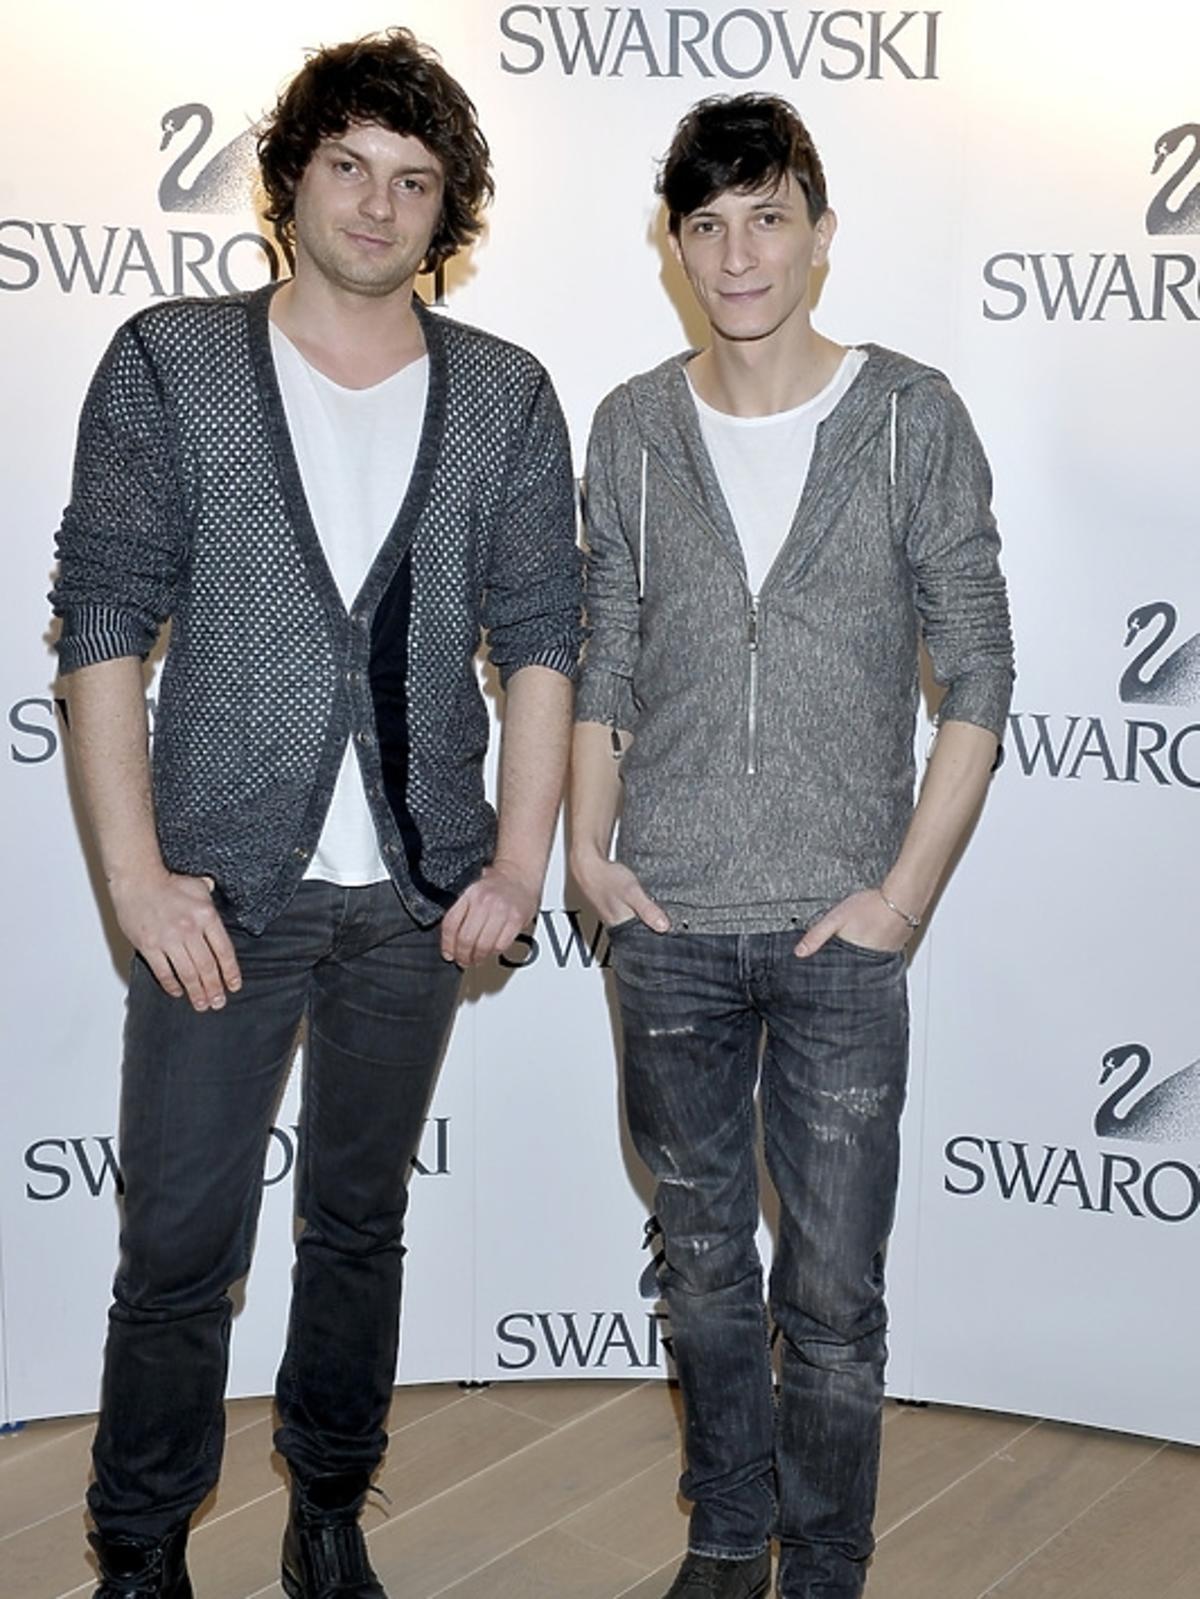 Michał Gilbert Lach i Kamil Owczarek (duet Bohoboco) na pokazie kolekcji Swarovski - lato 2013